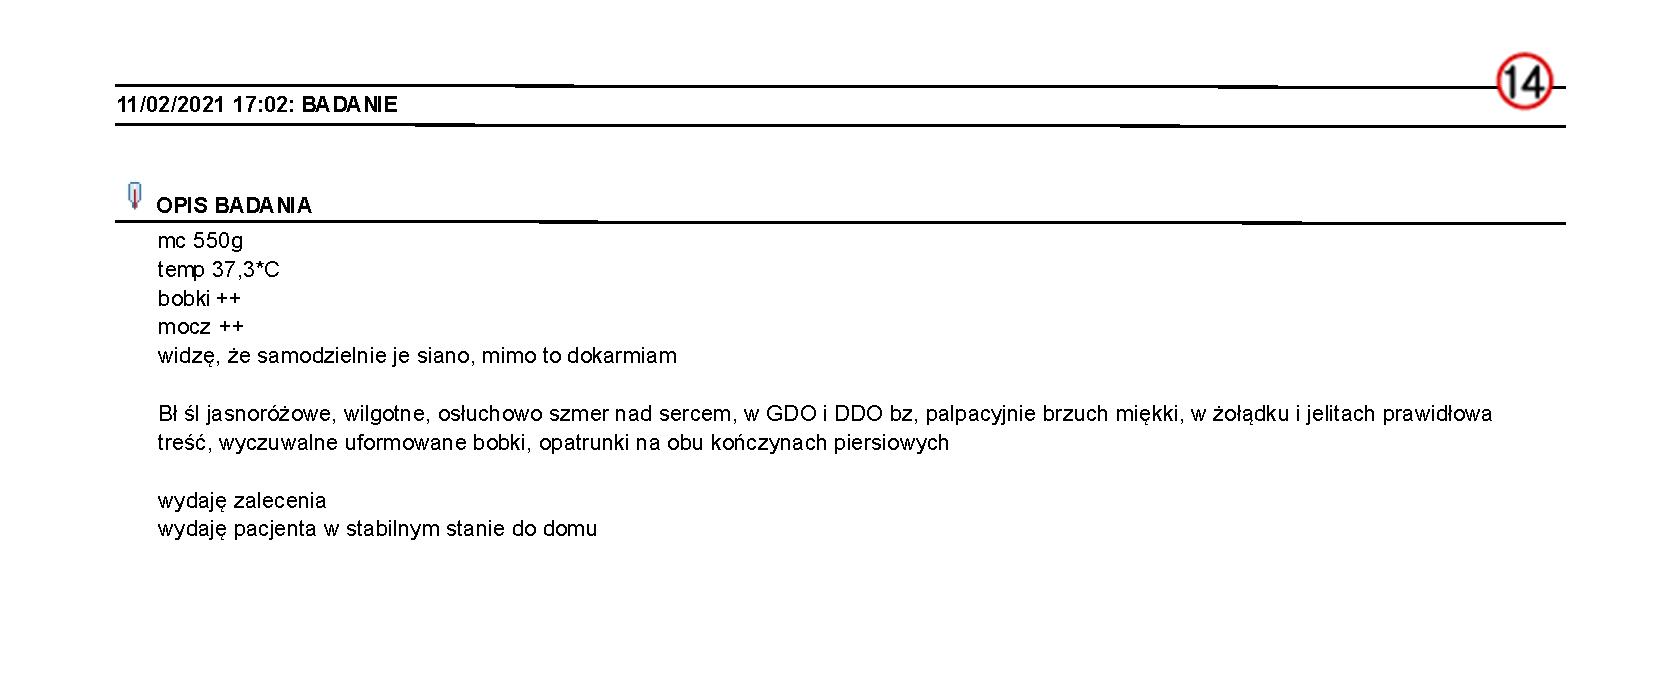 sbafe0412f713c53.png